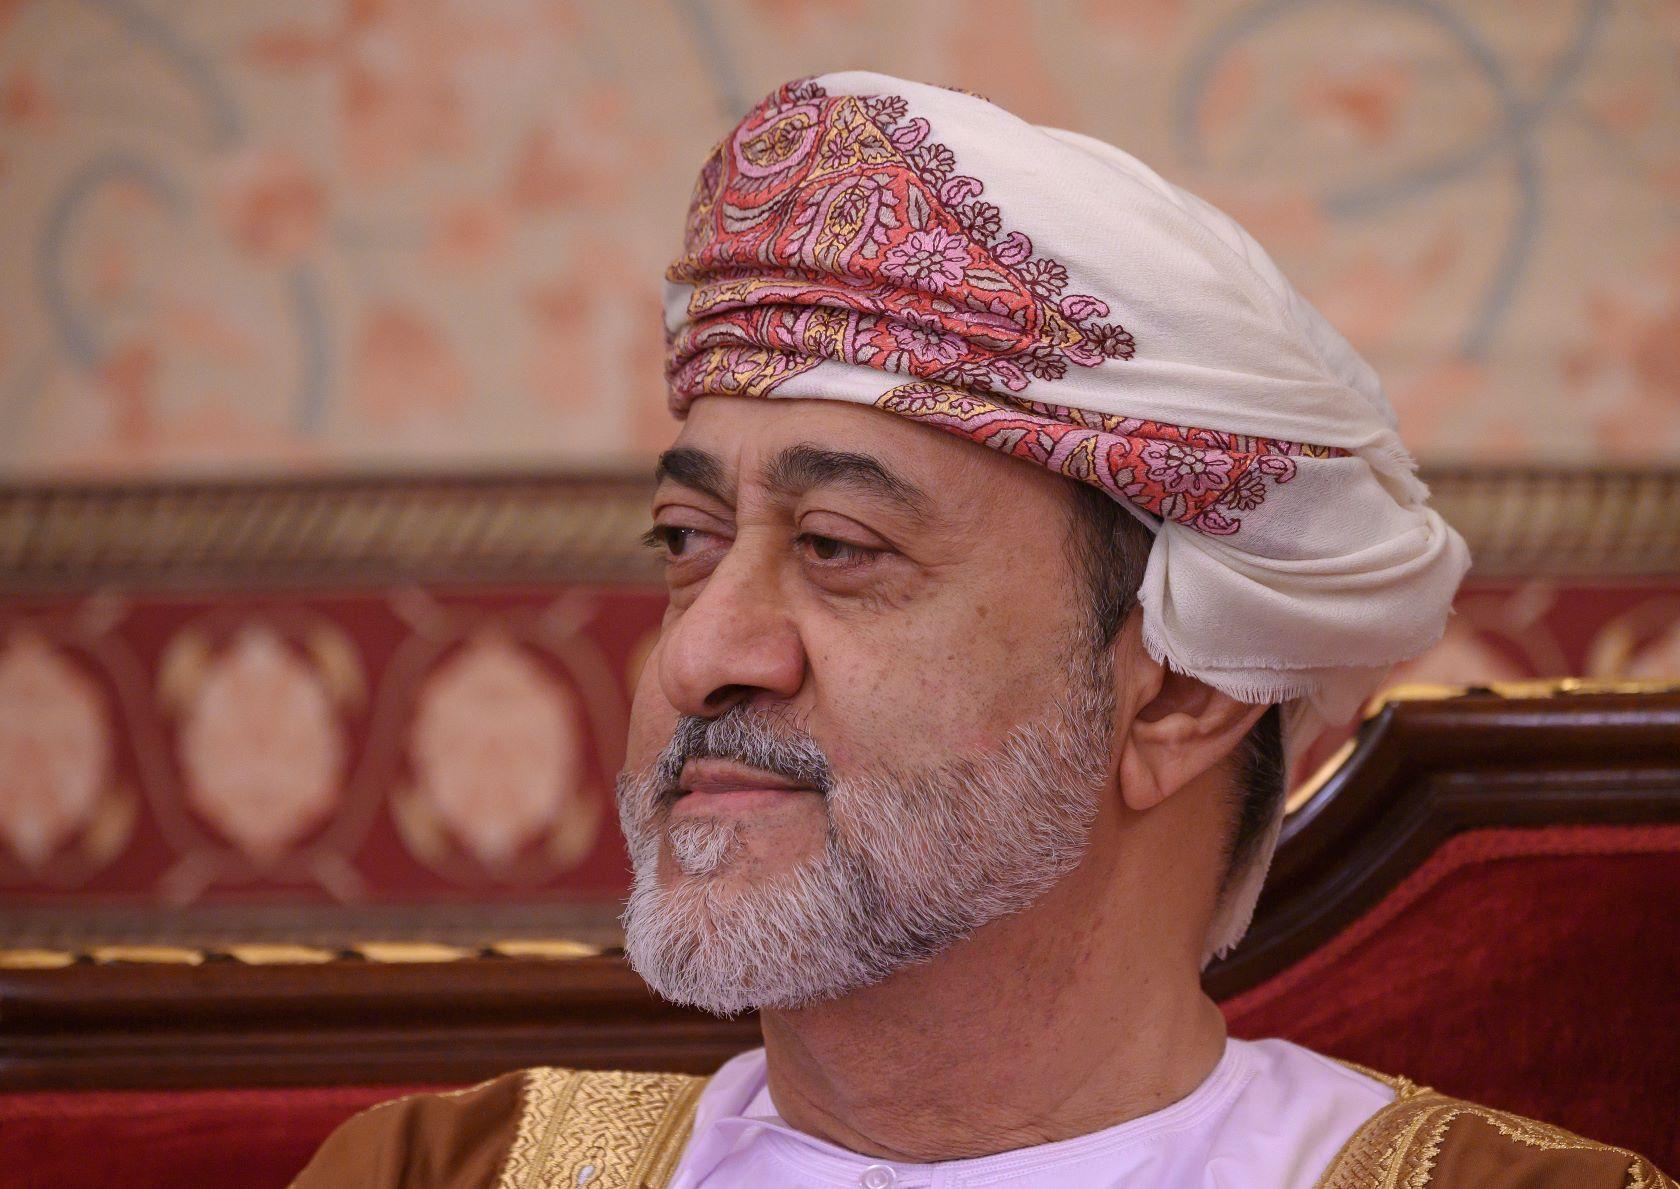 سلطنة عمان تفاجئ المواطنين والمقيمين بهذا القرار